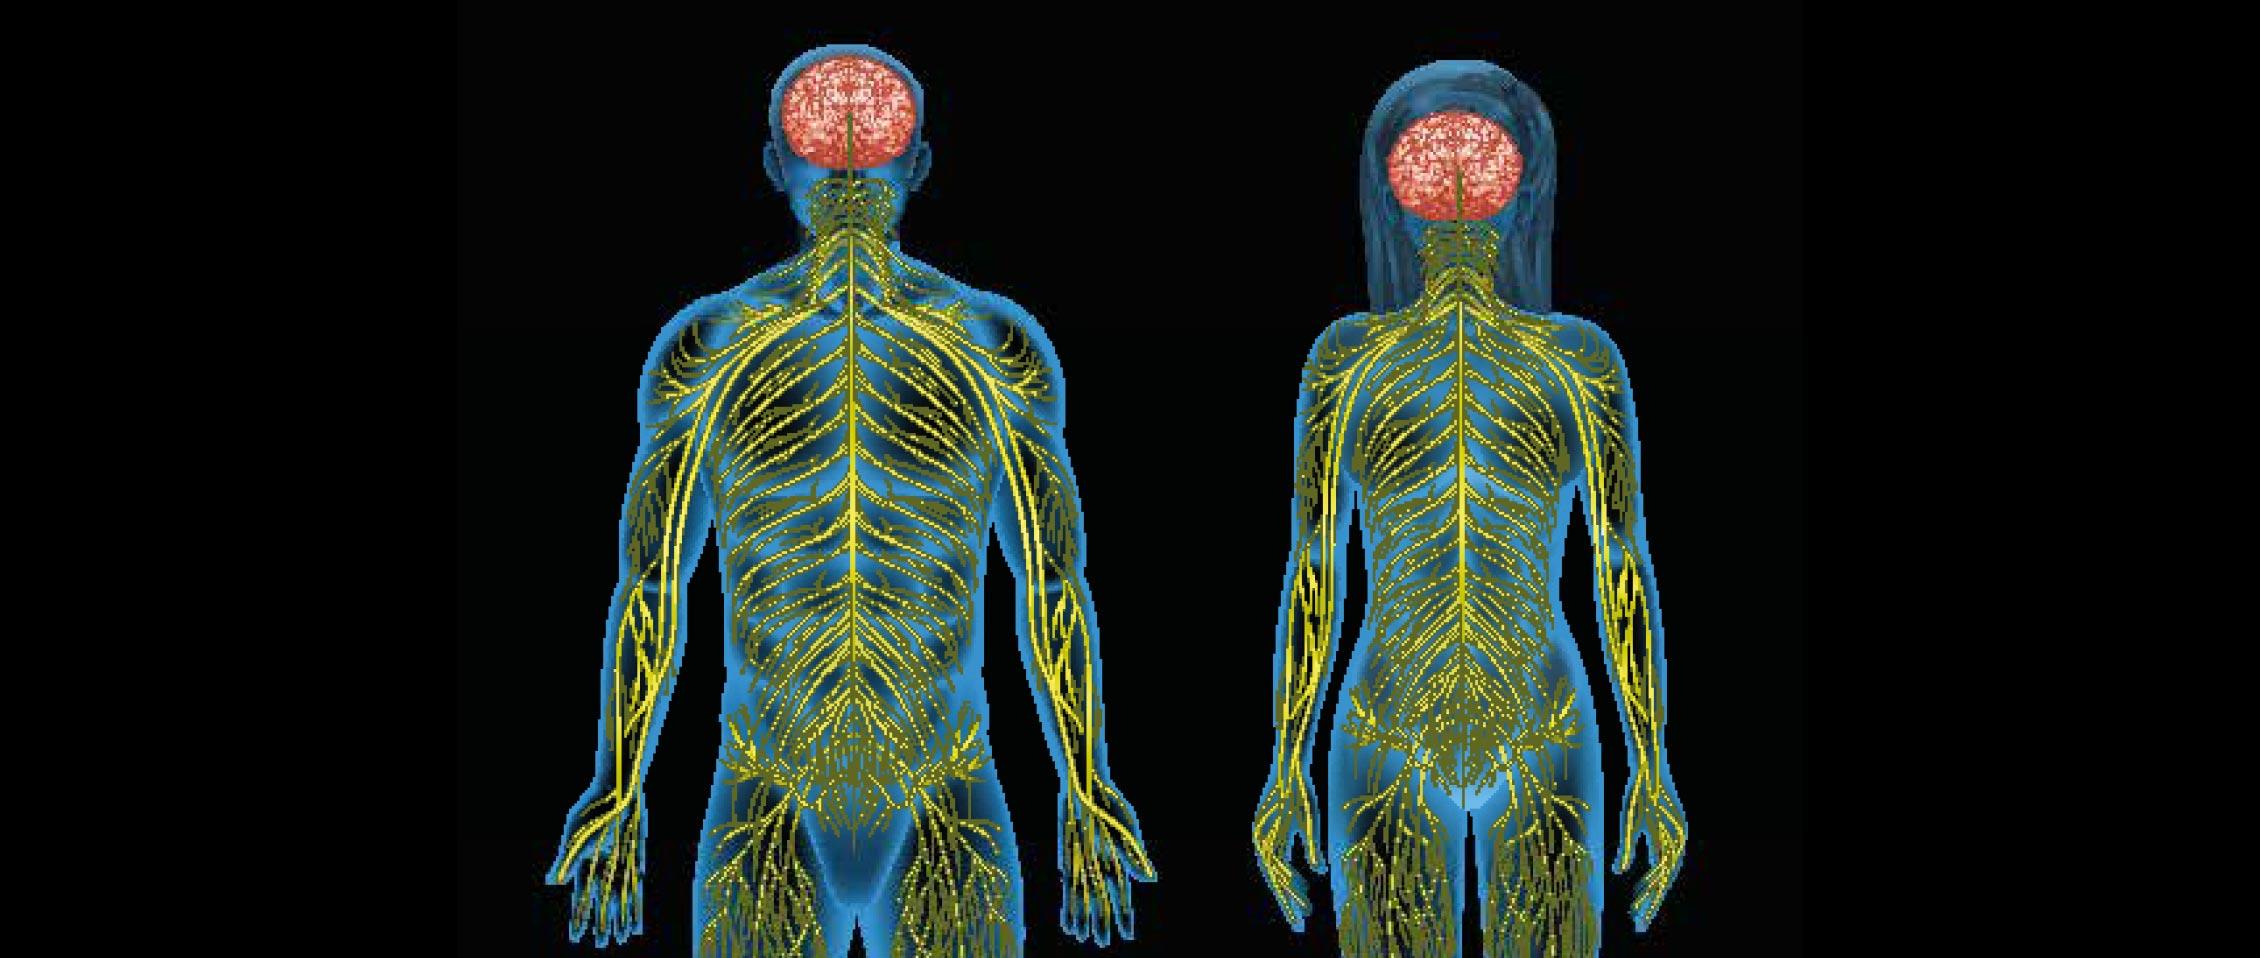 Vraagtekens bij verklaringsmodel craniale osteopathie